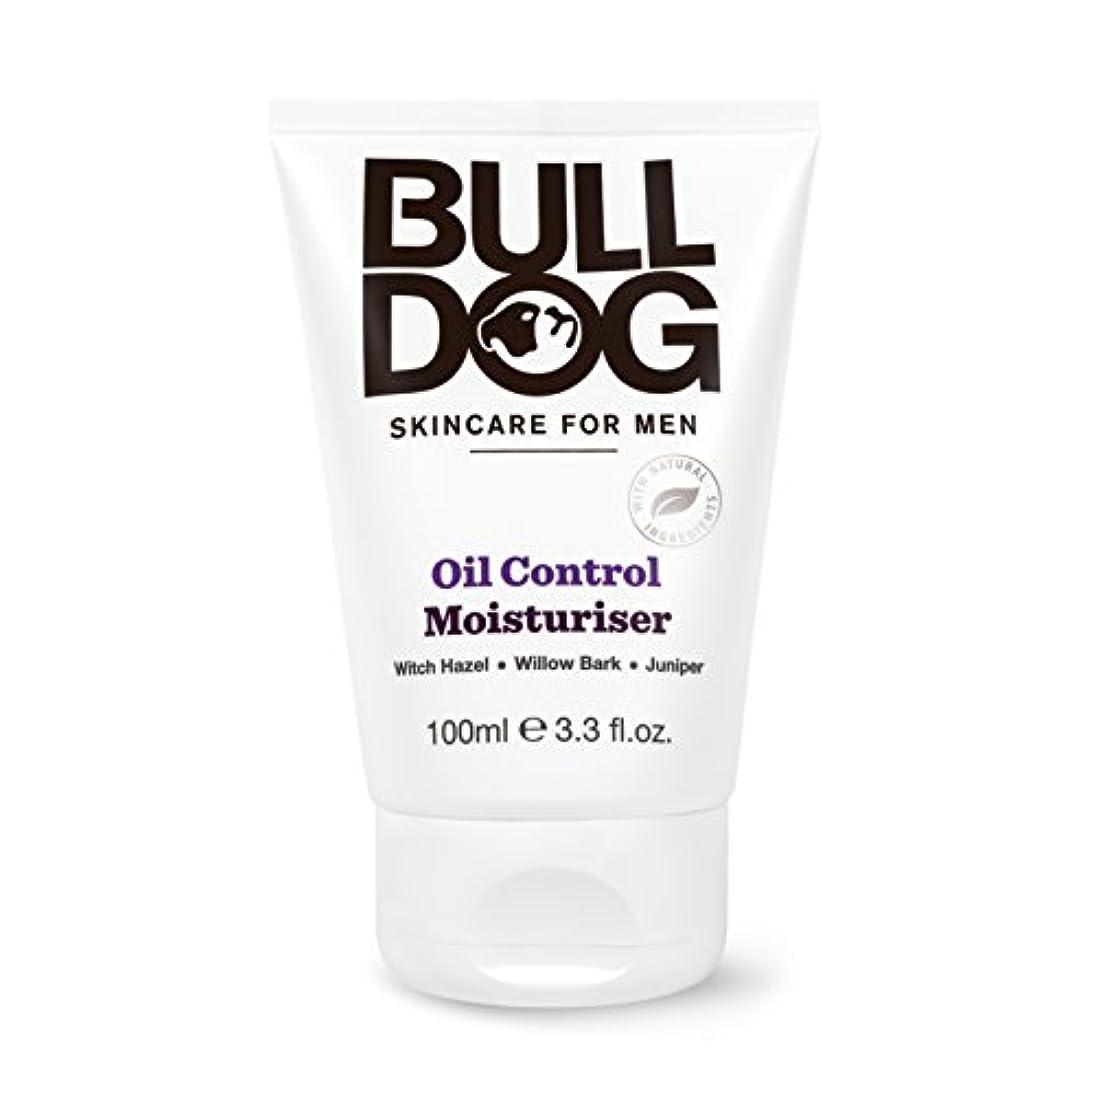 おとうさん小麦粉リボンブルドッグ Bulldog オイルコントロール モイスチャライザー(保湿クリーム) 100mL